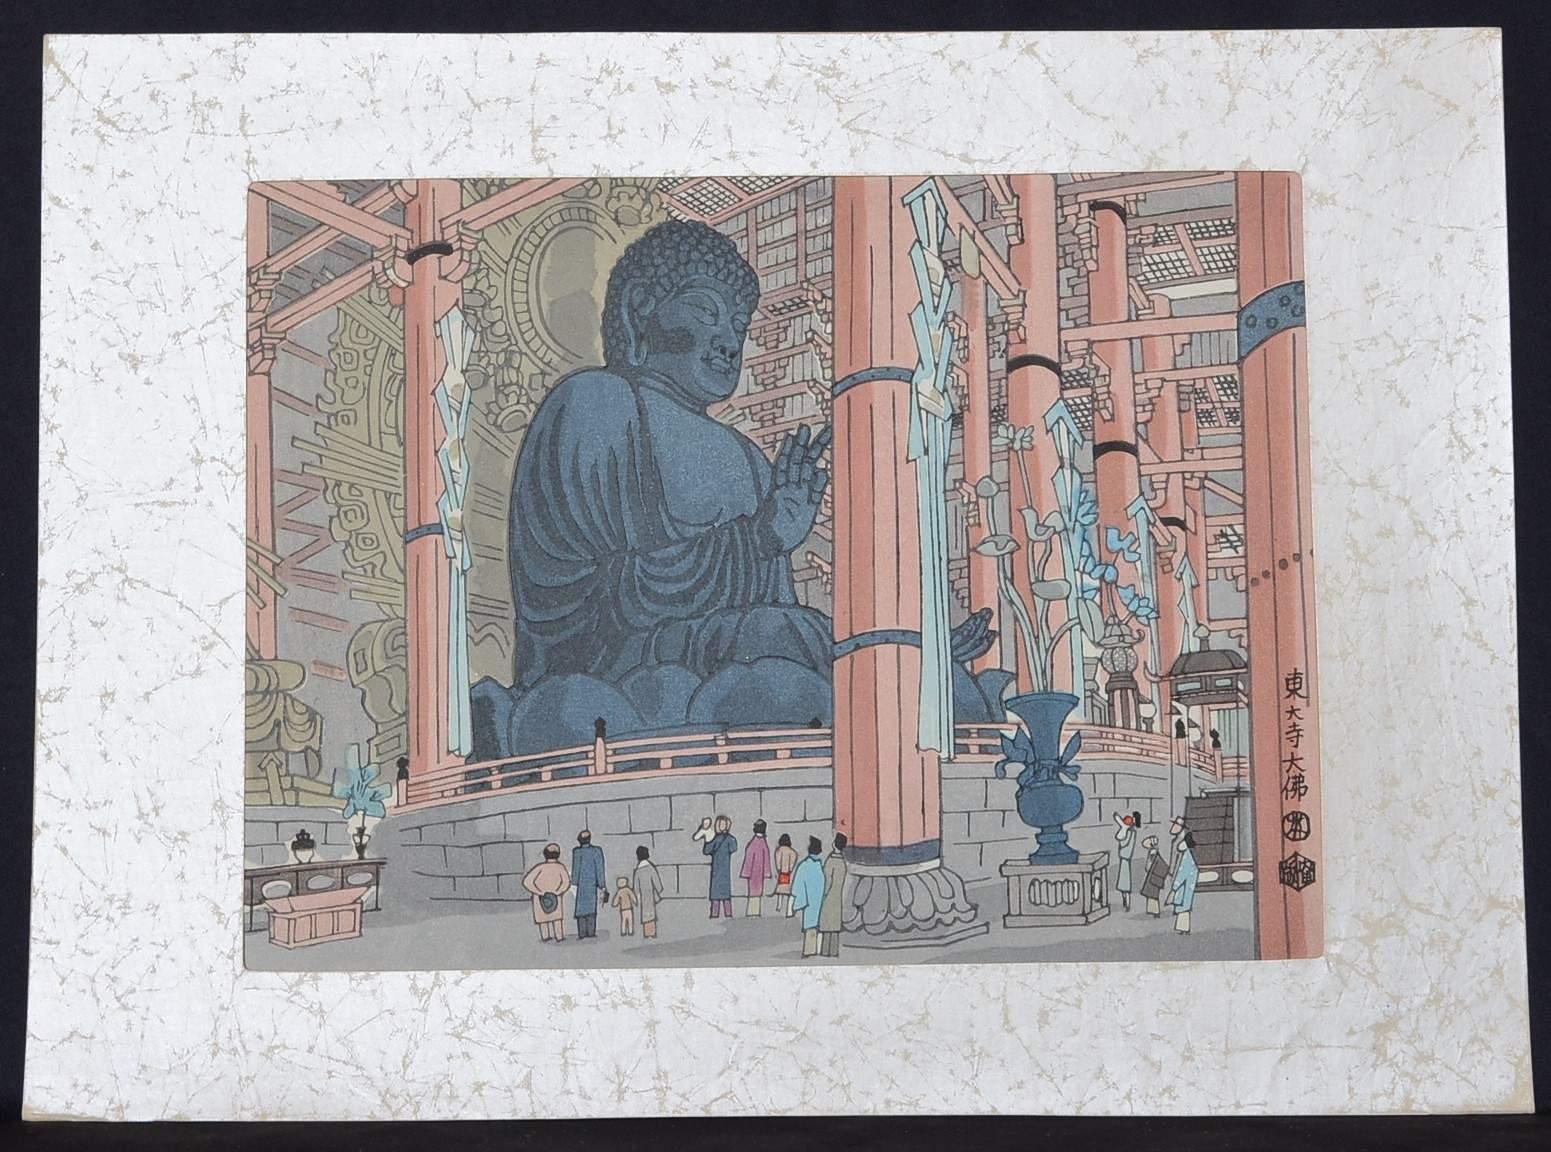 4. THE LARGE BUDDHA OF TODAIJI TEMPLE IN NARA